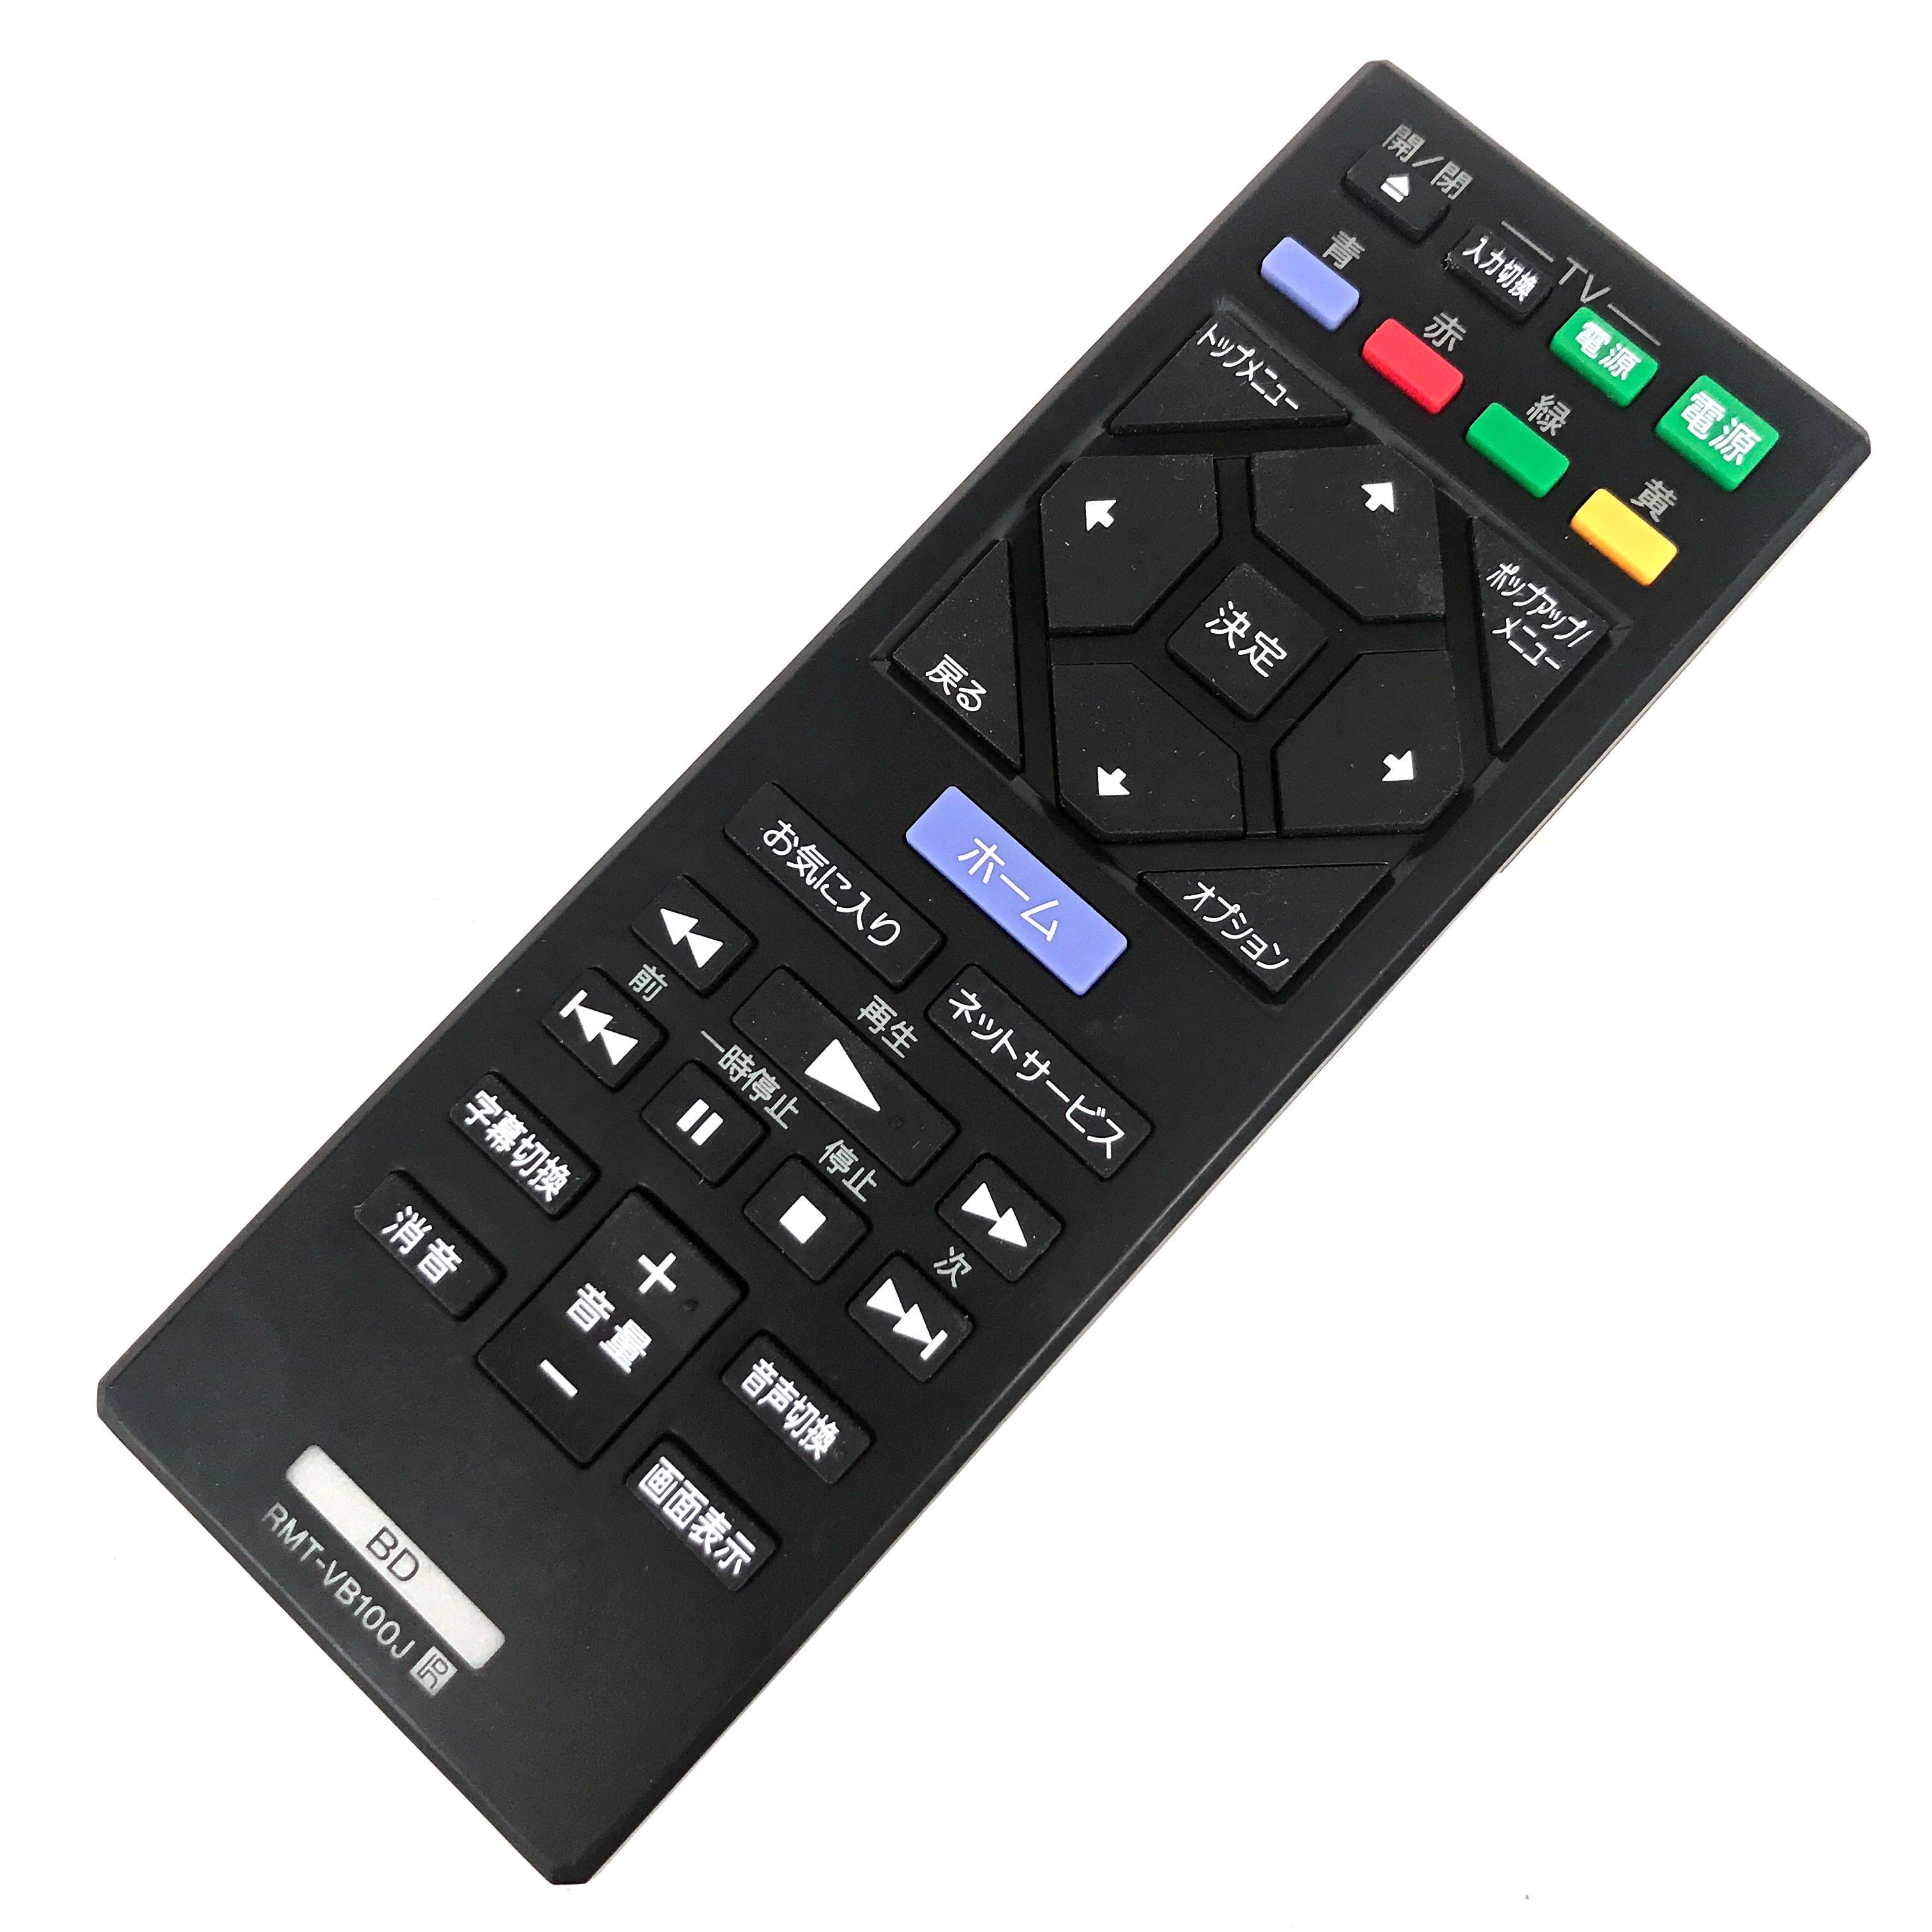 Utiliza control remoto Original RMT-VB100J para SONY reproductor de Blu-ray DVD BDP-S2500...